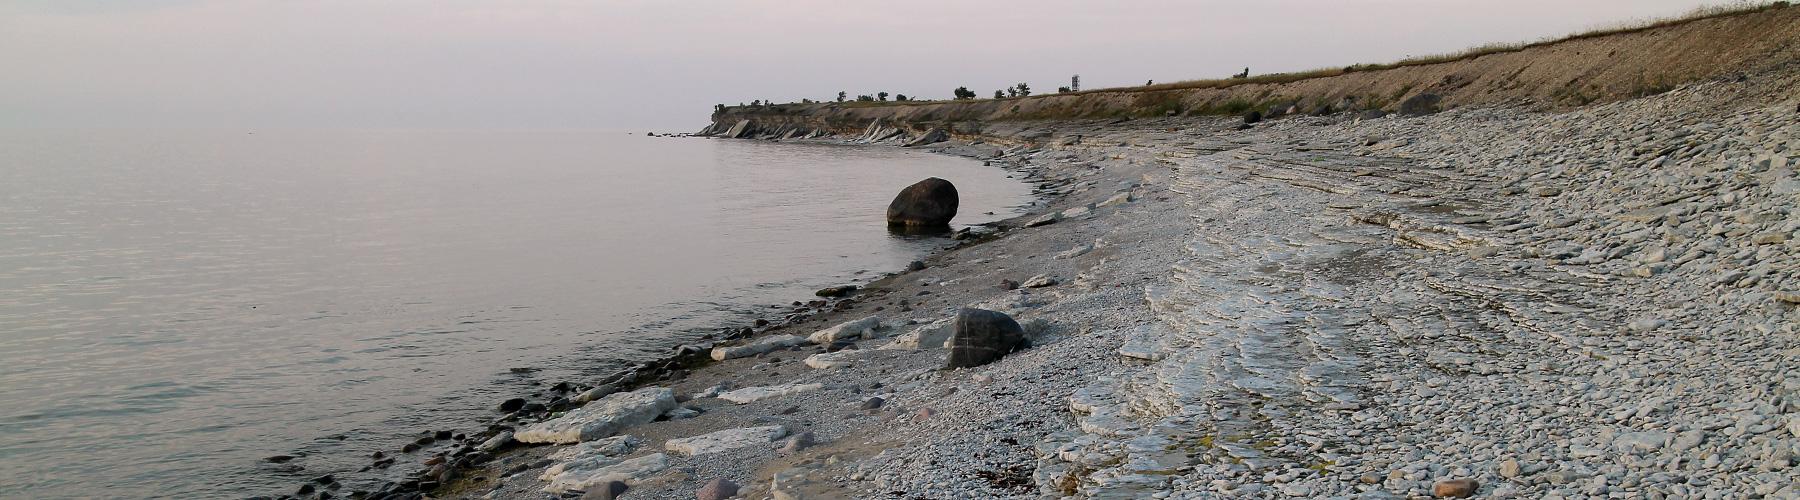 Väike-Pakri põhjarannik - Sandviken